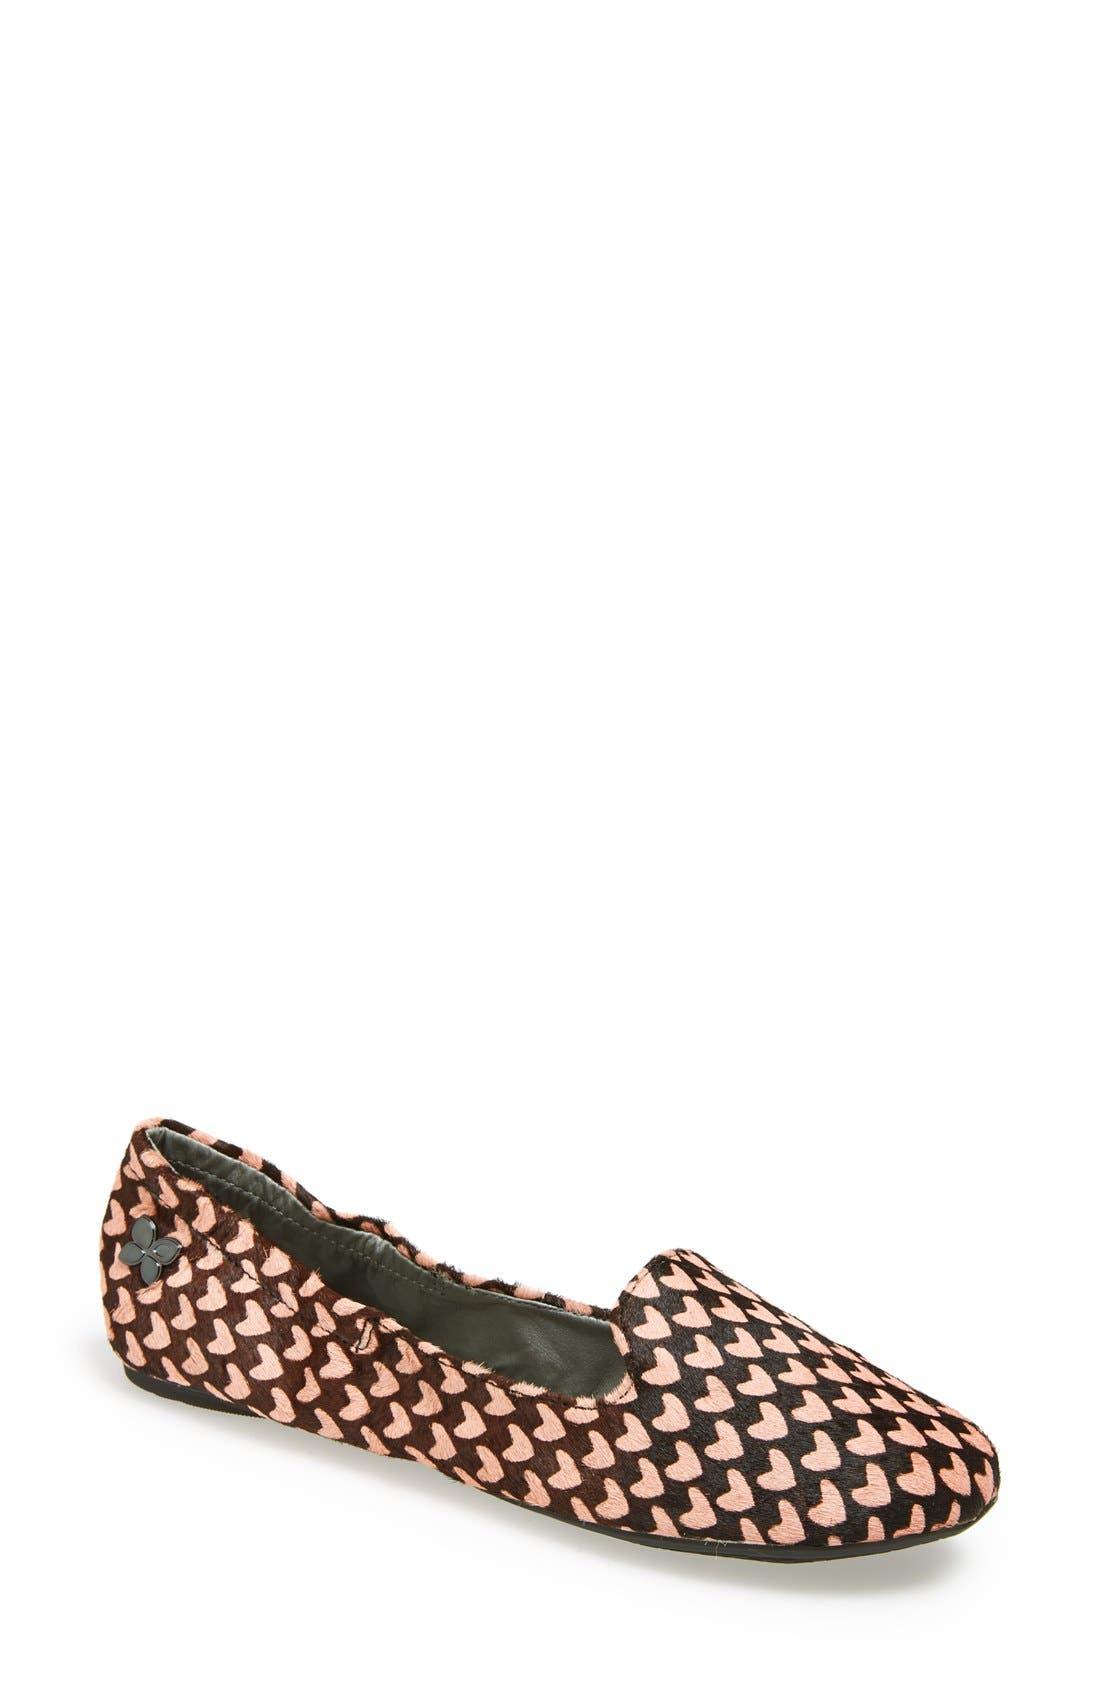 Main Image - Butterfly Twists 'Gabriella' Foldable Smoking Slipper Flat (Women)